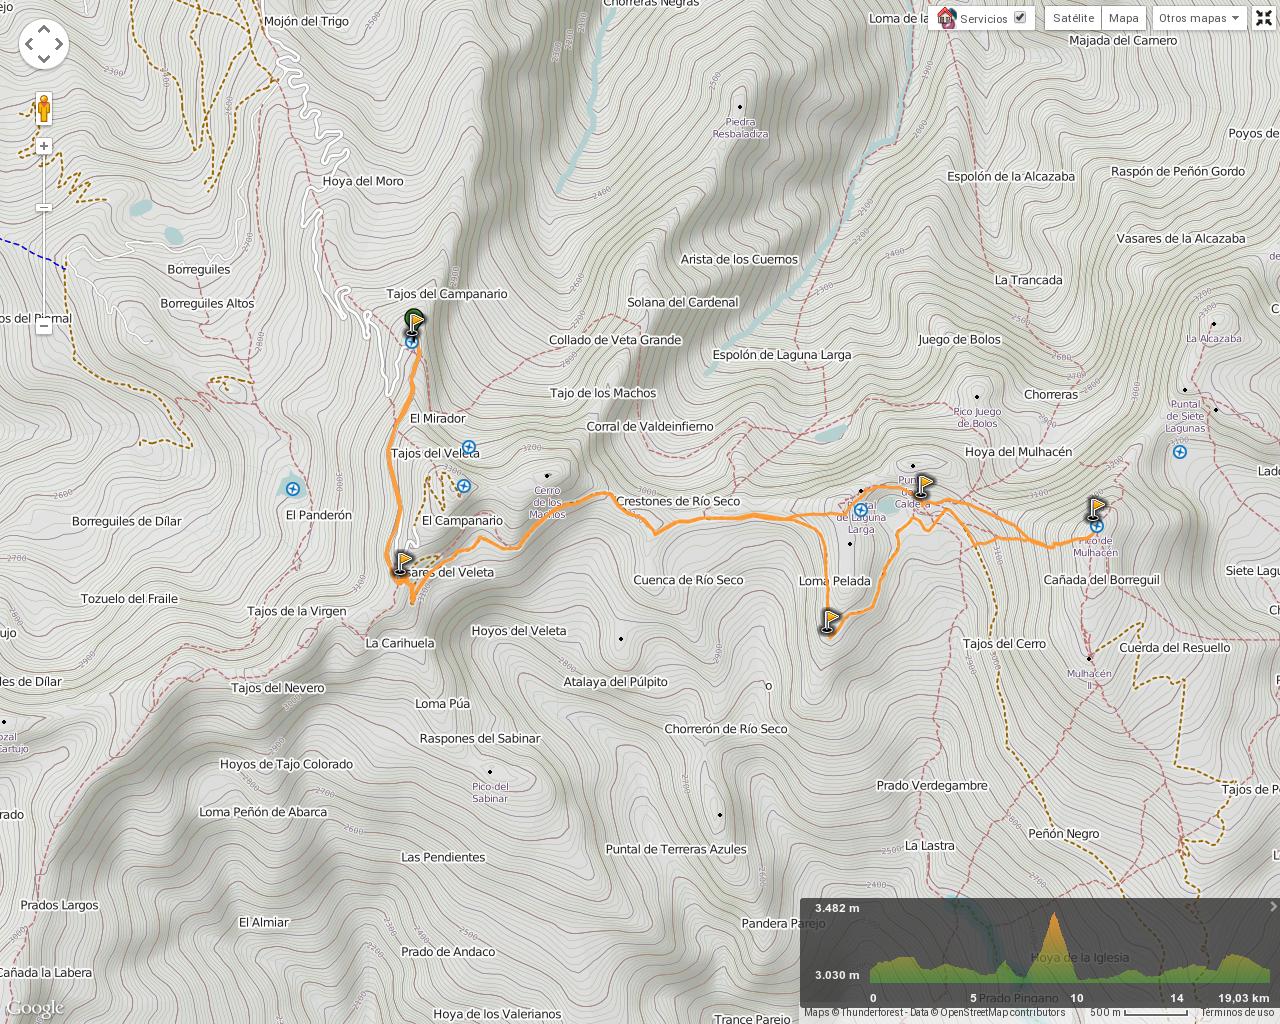 Ruta Posiciones del Veleta - Mulhacén: Mapa de la ruta